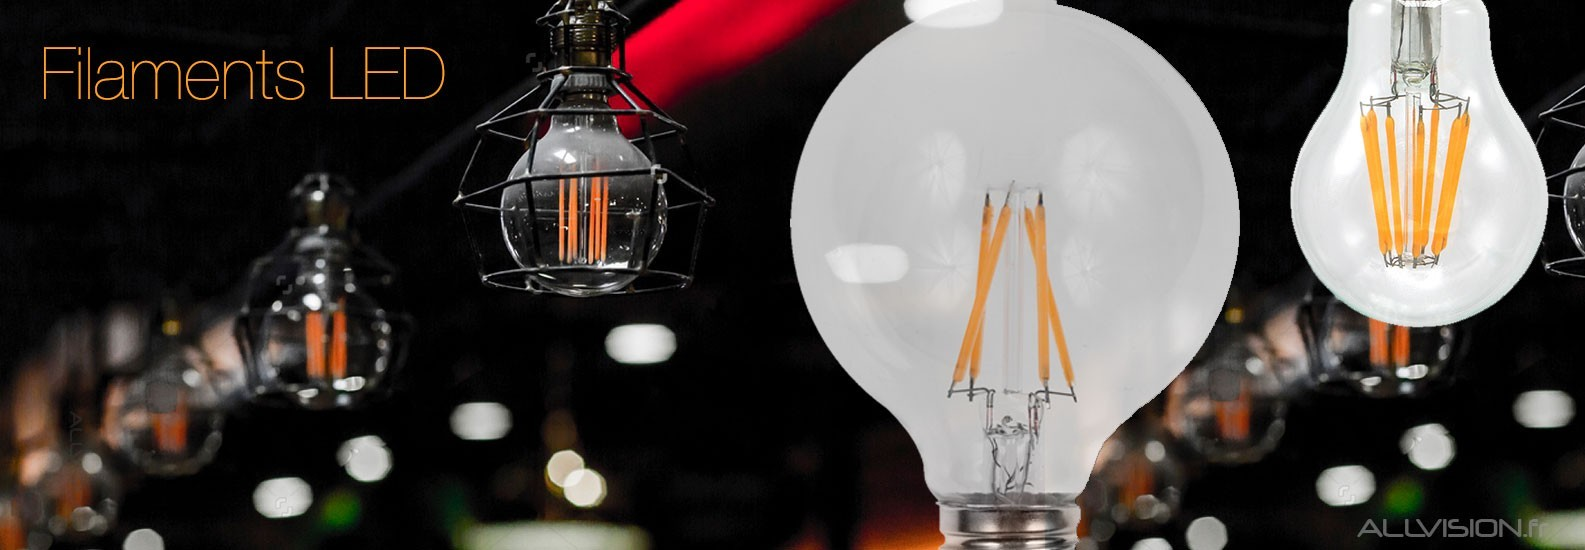 Filaments LED